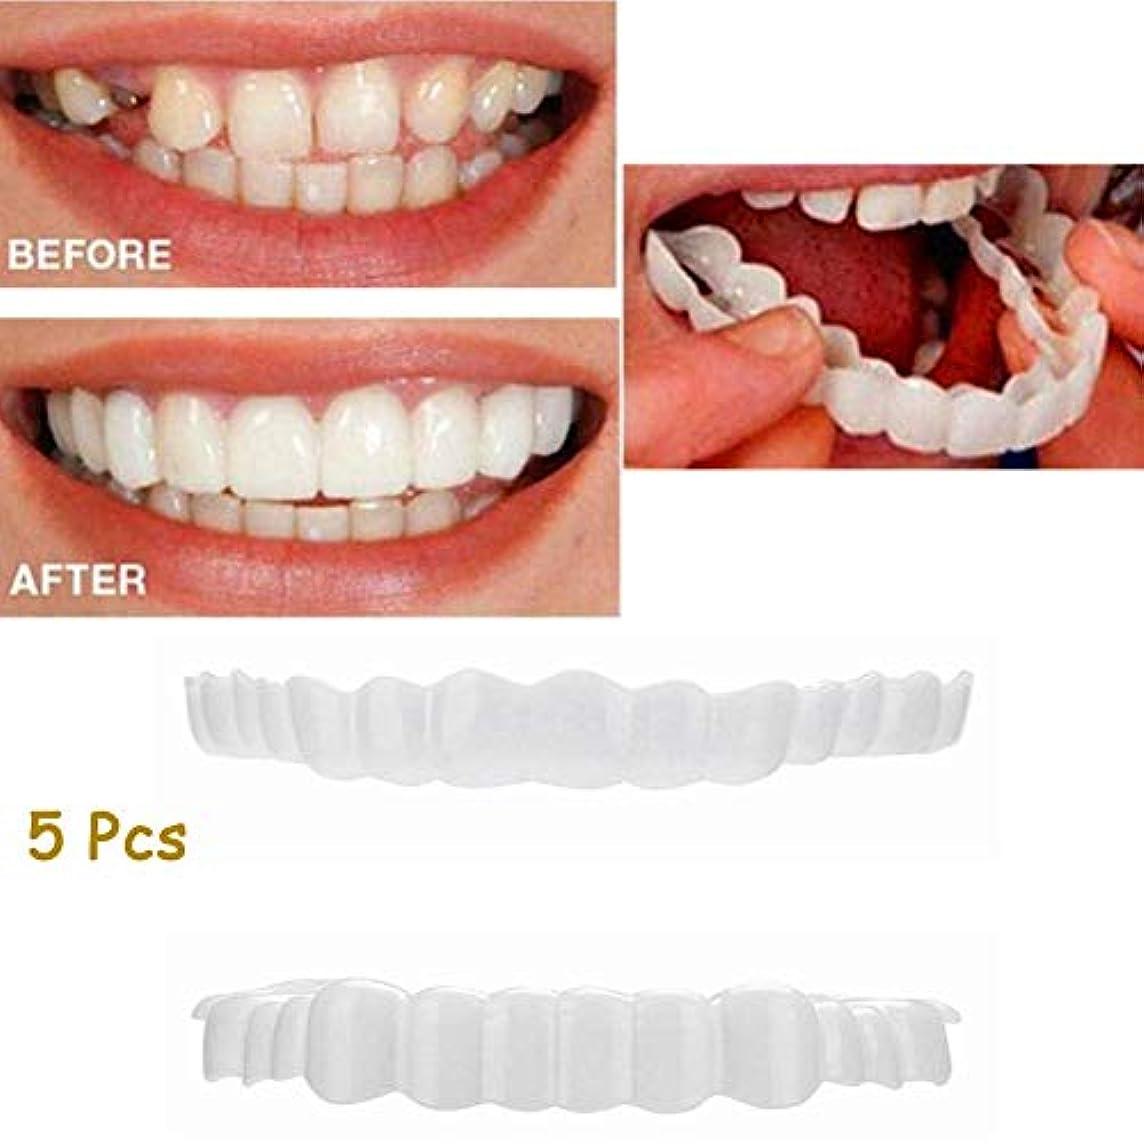 条約枯れるそれにもかかわらず5ピース上歯+下歯セットインスタントパーフェクトコンフォートフィットフレックス化粧品歯入れ歯歯ホワイトニングスマイルフェイク歯